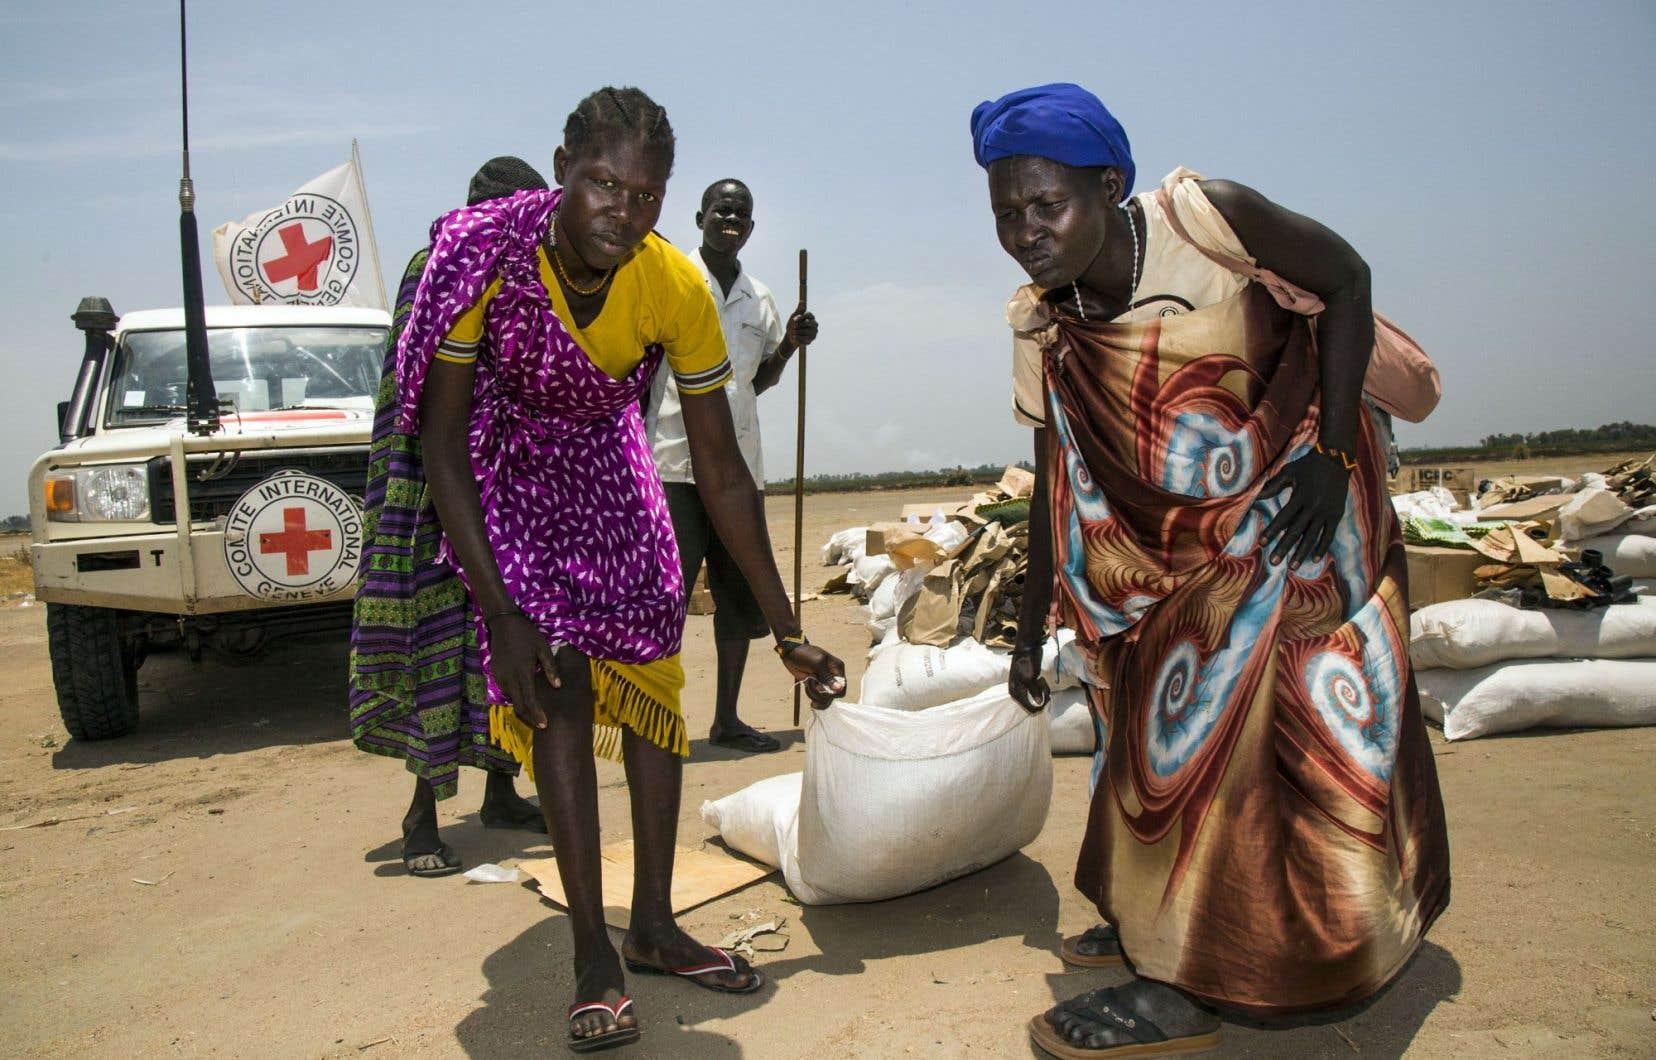 Le Comité international de la Croix-Rouge (CICR) a procédé à la distribution de sacs de grains, au Soudan du Sud, mardi.